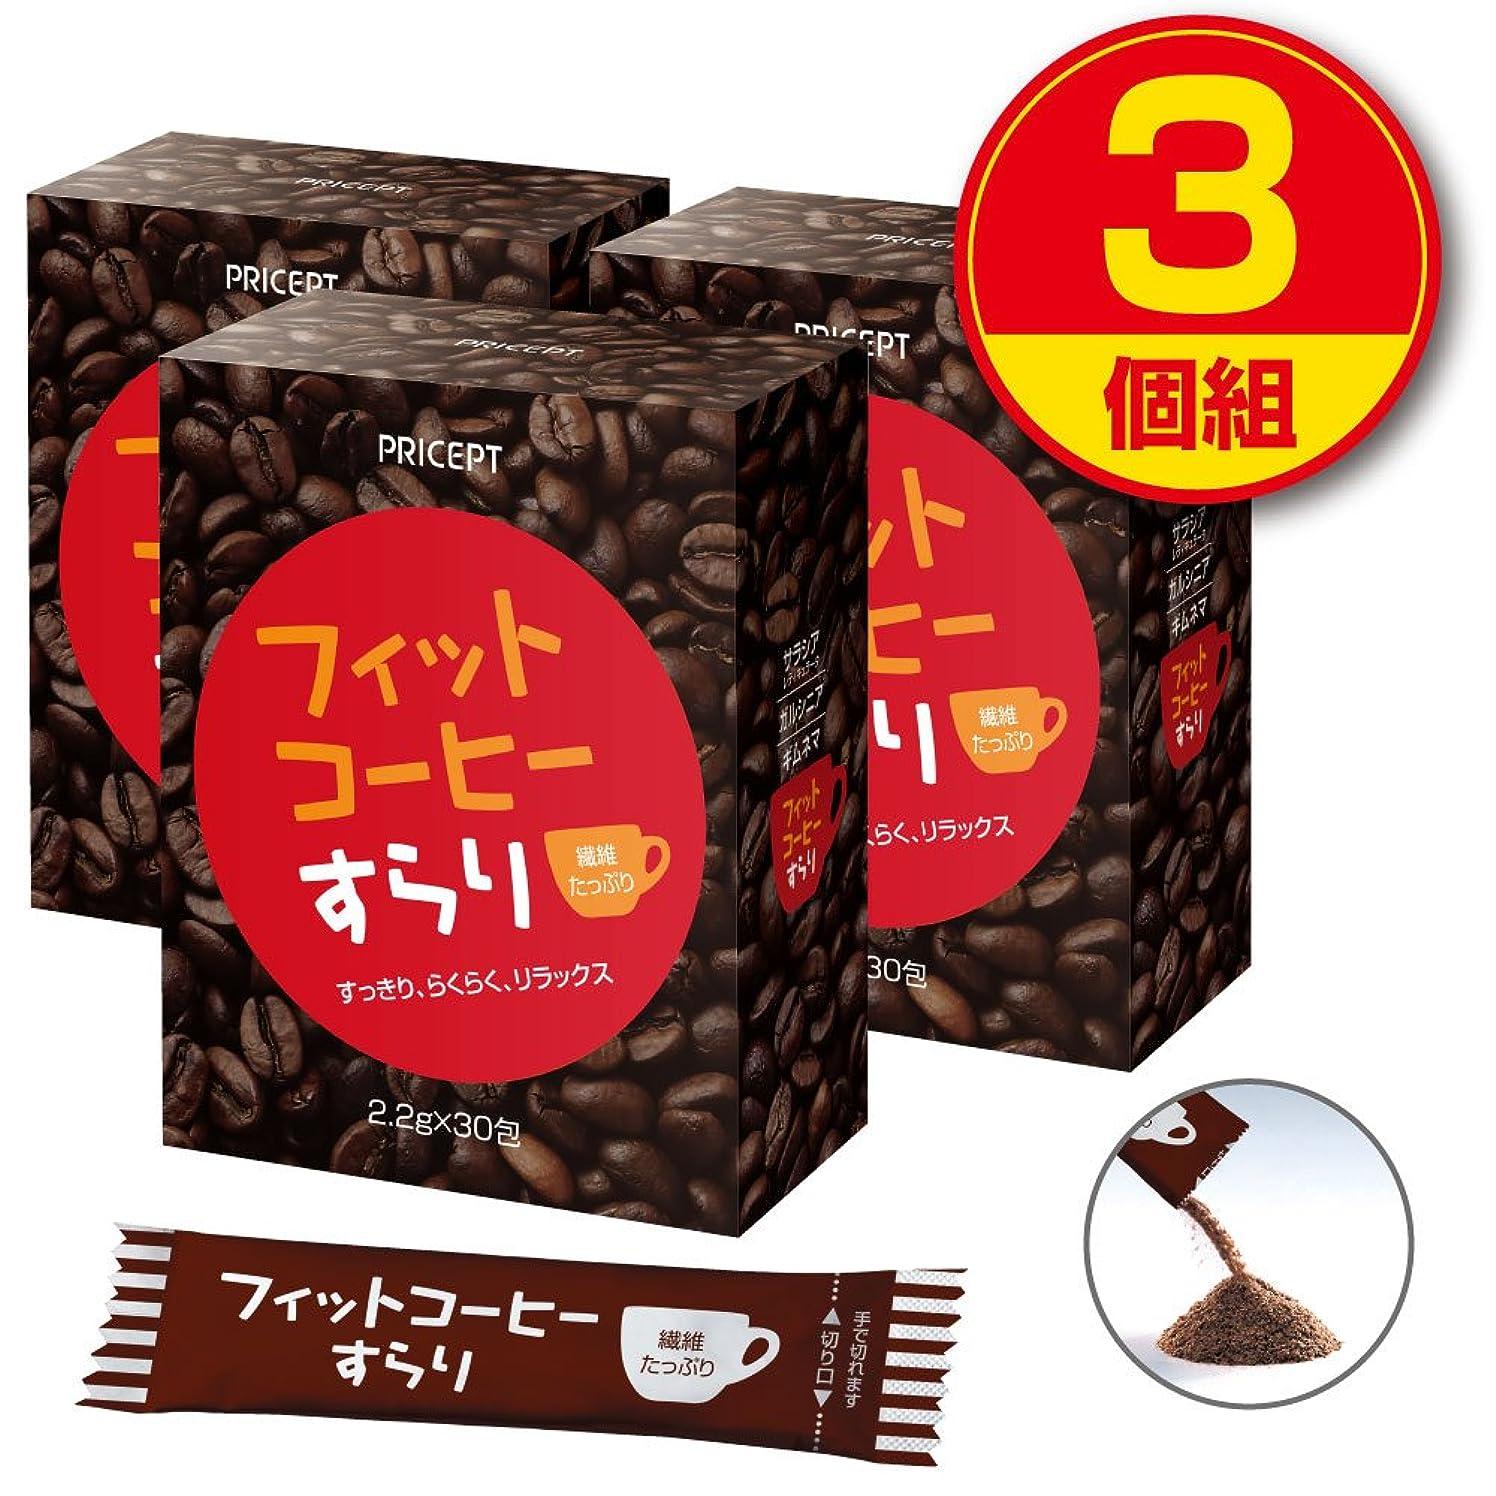 分析的な困難つらいプリセプト フィットコーヒーすらり 30包【3個組(90包)】(ダイエットサポートコーヒー)